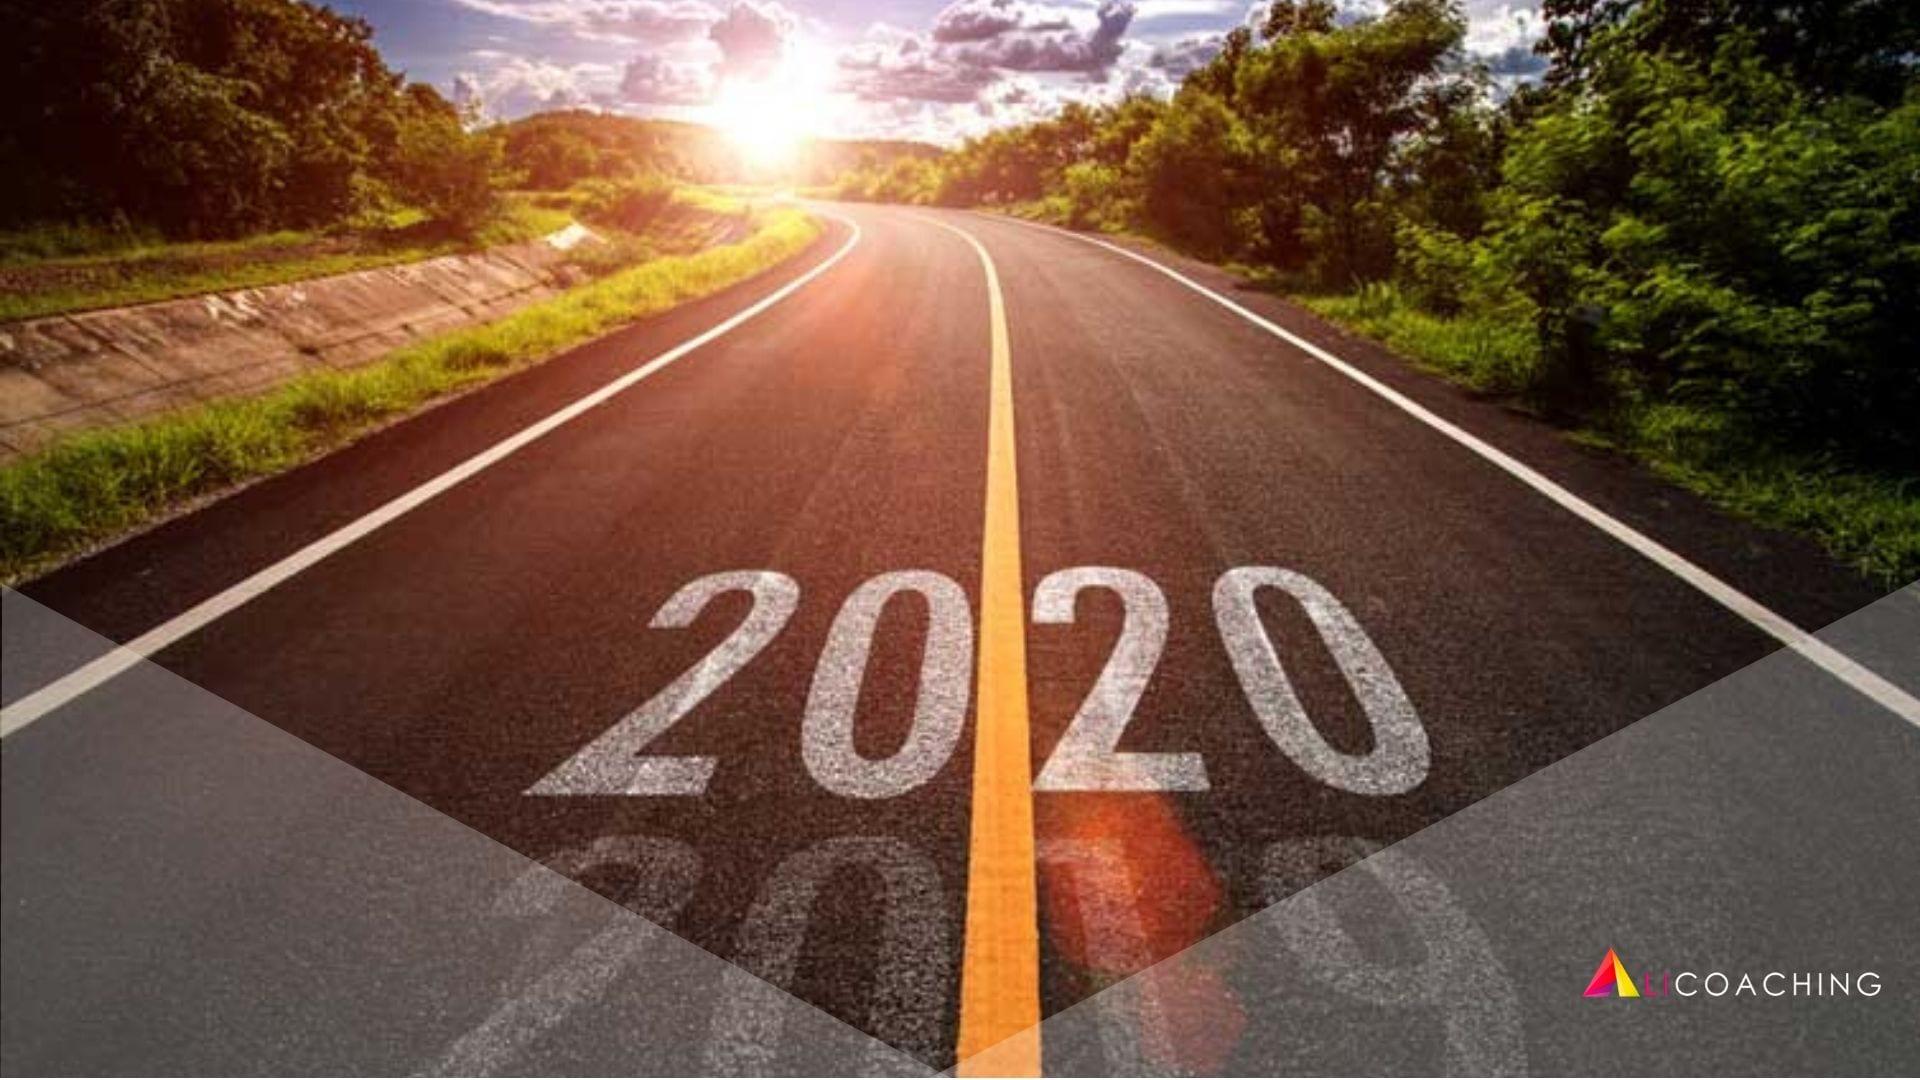 Buoni propositivi e nuovi obiettivi per il 2020? Ecco un regalo per te!